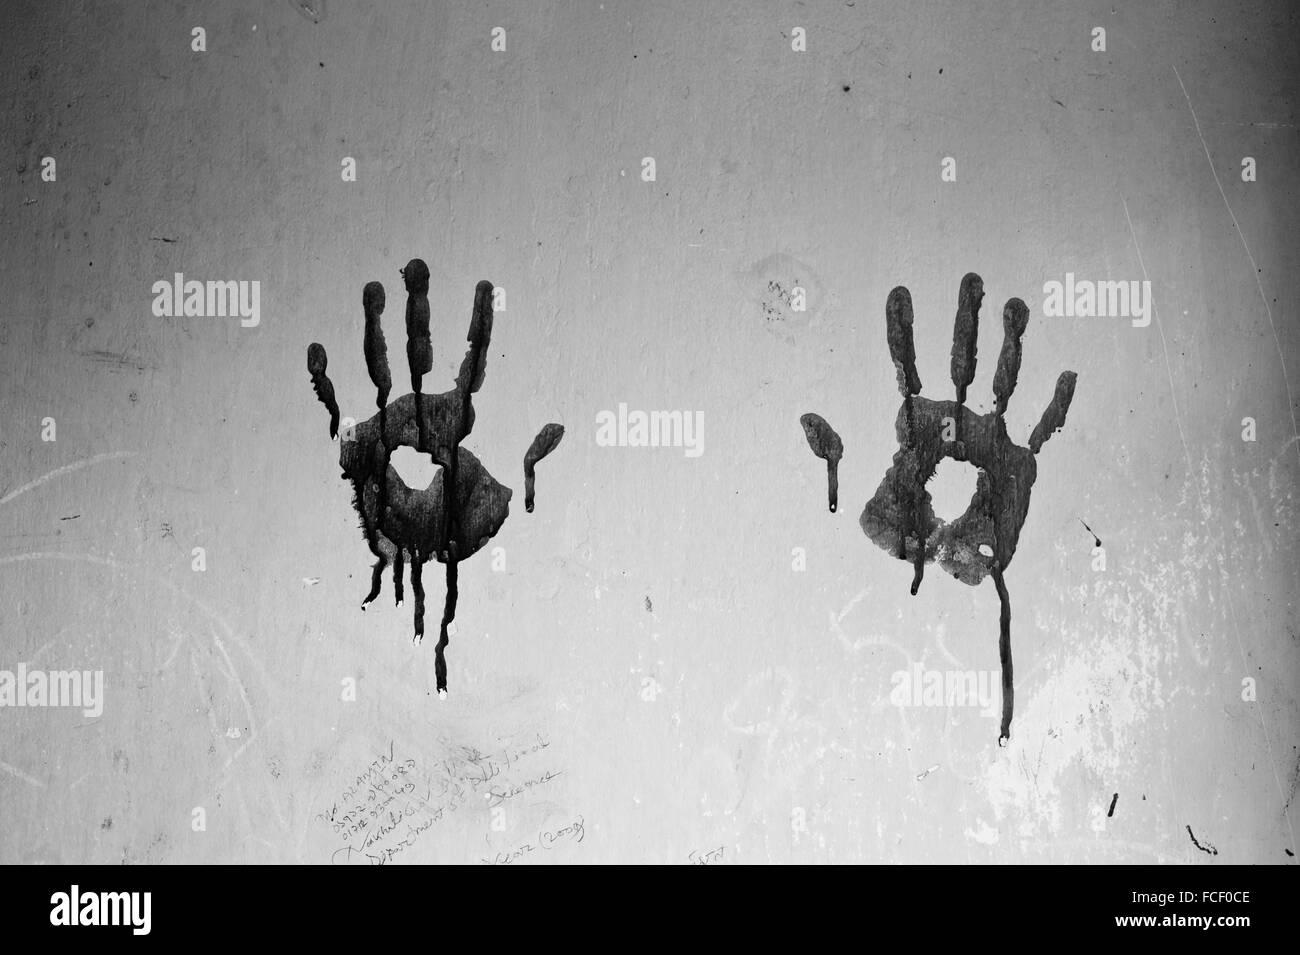 Huellas de manos en la pared Imagen De Stock